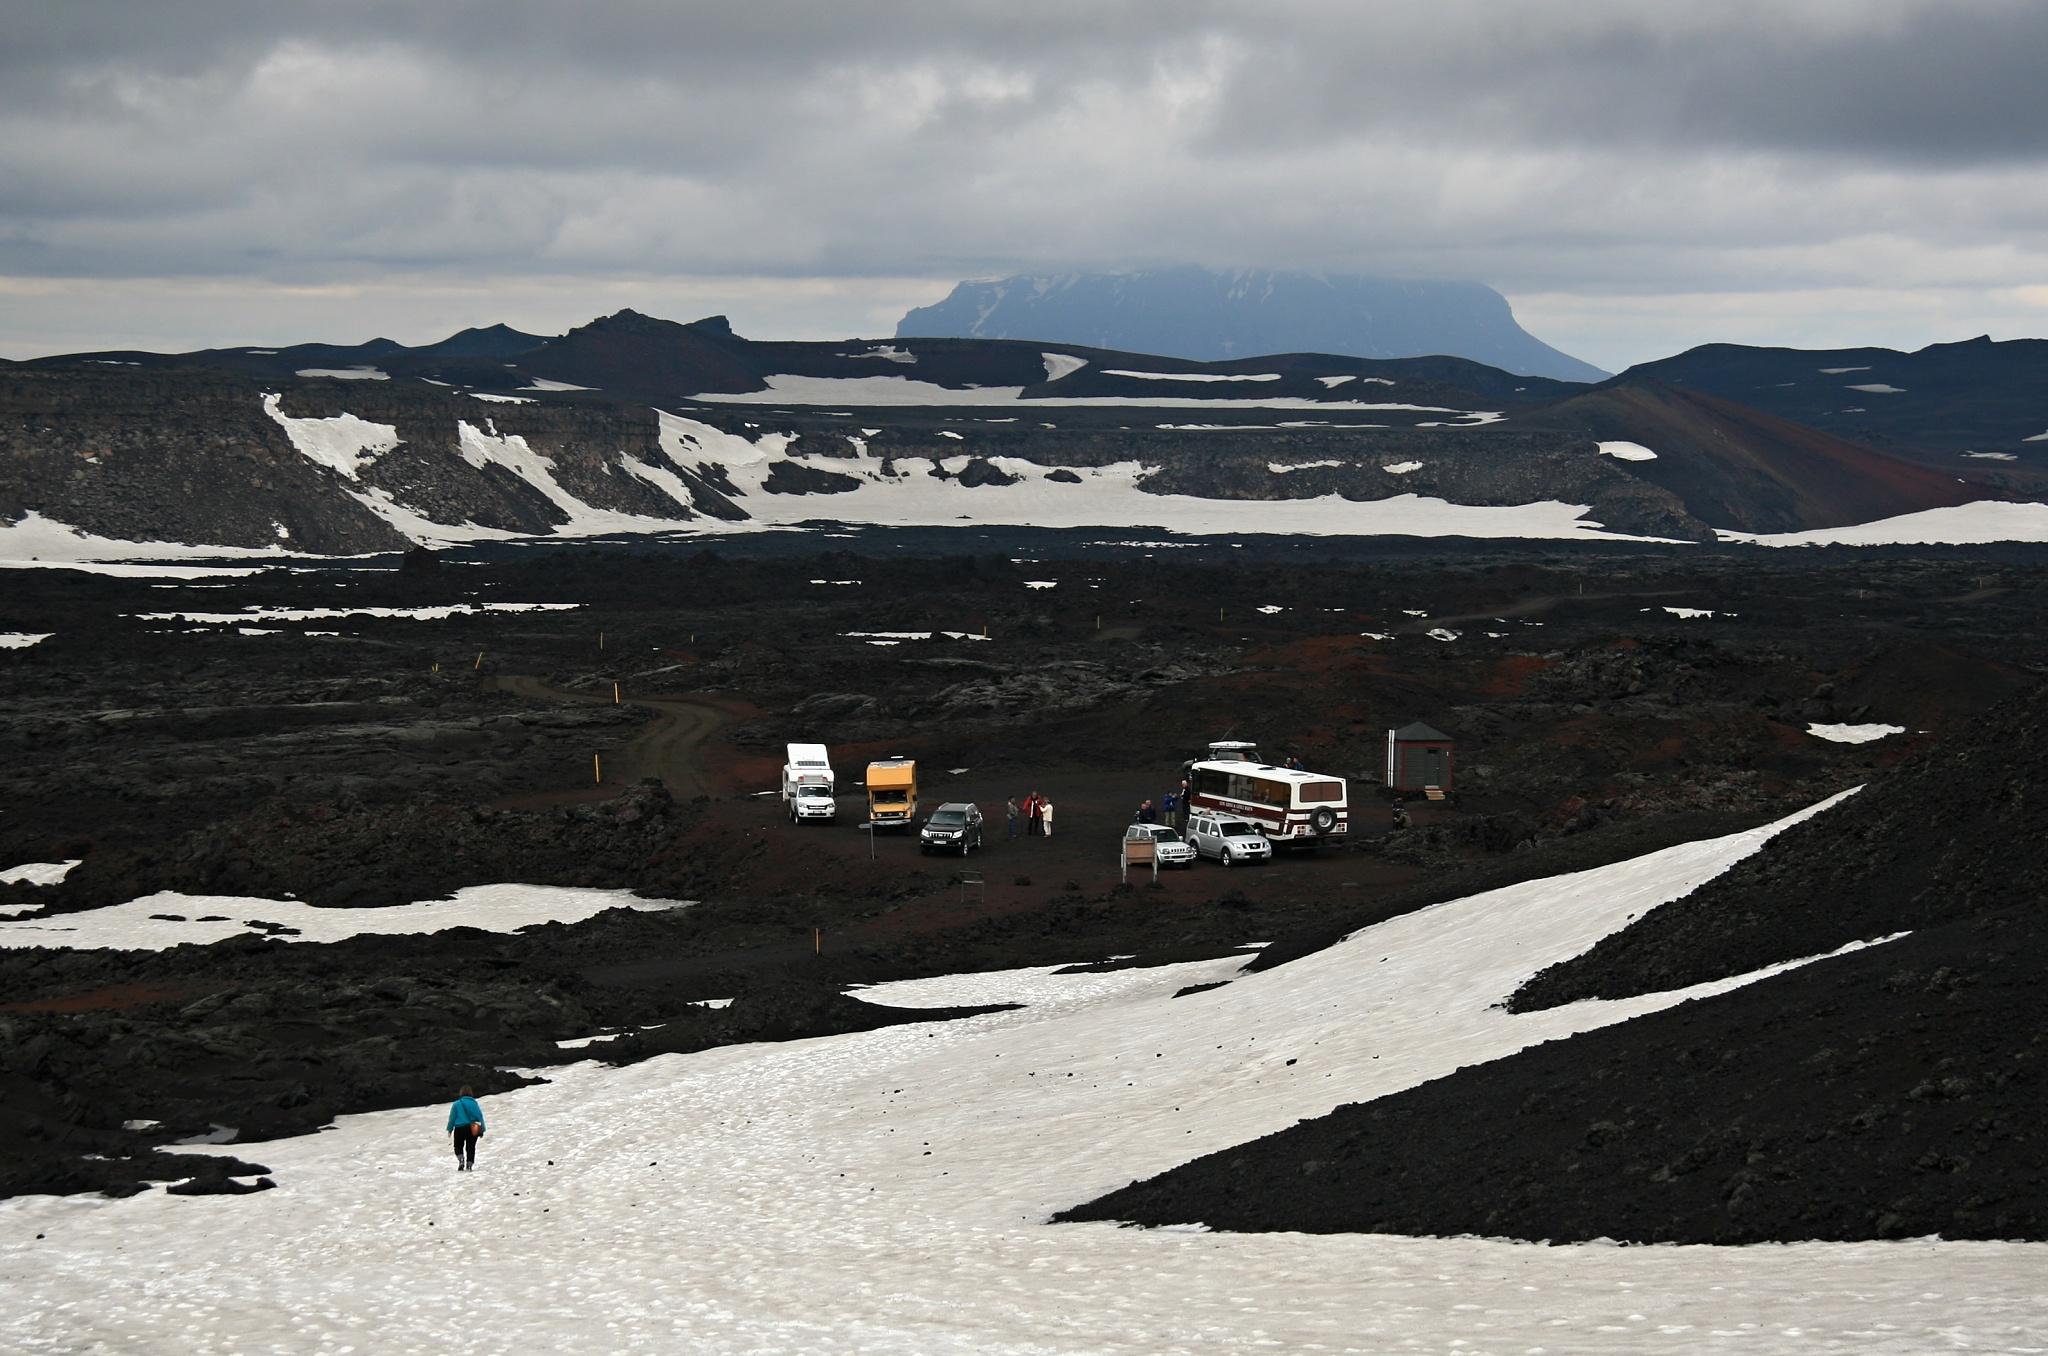 Pohled na parkoviště u sopky Askja